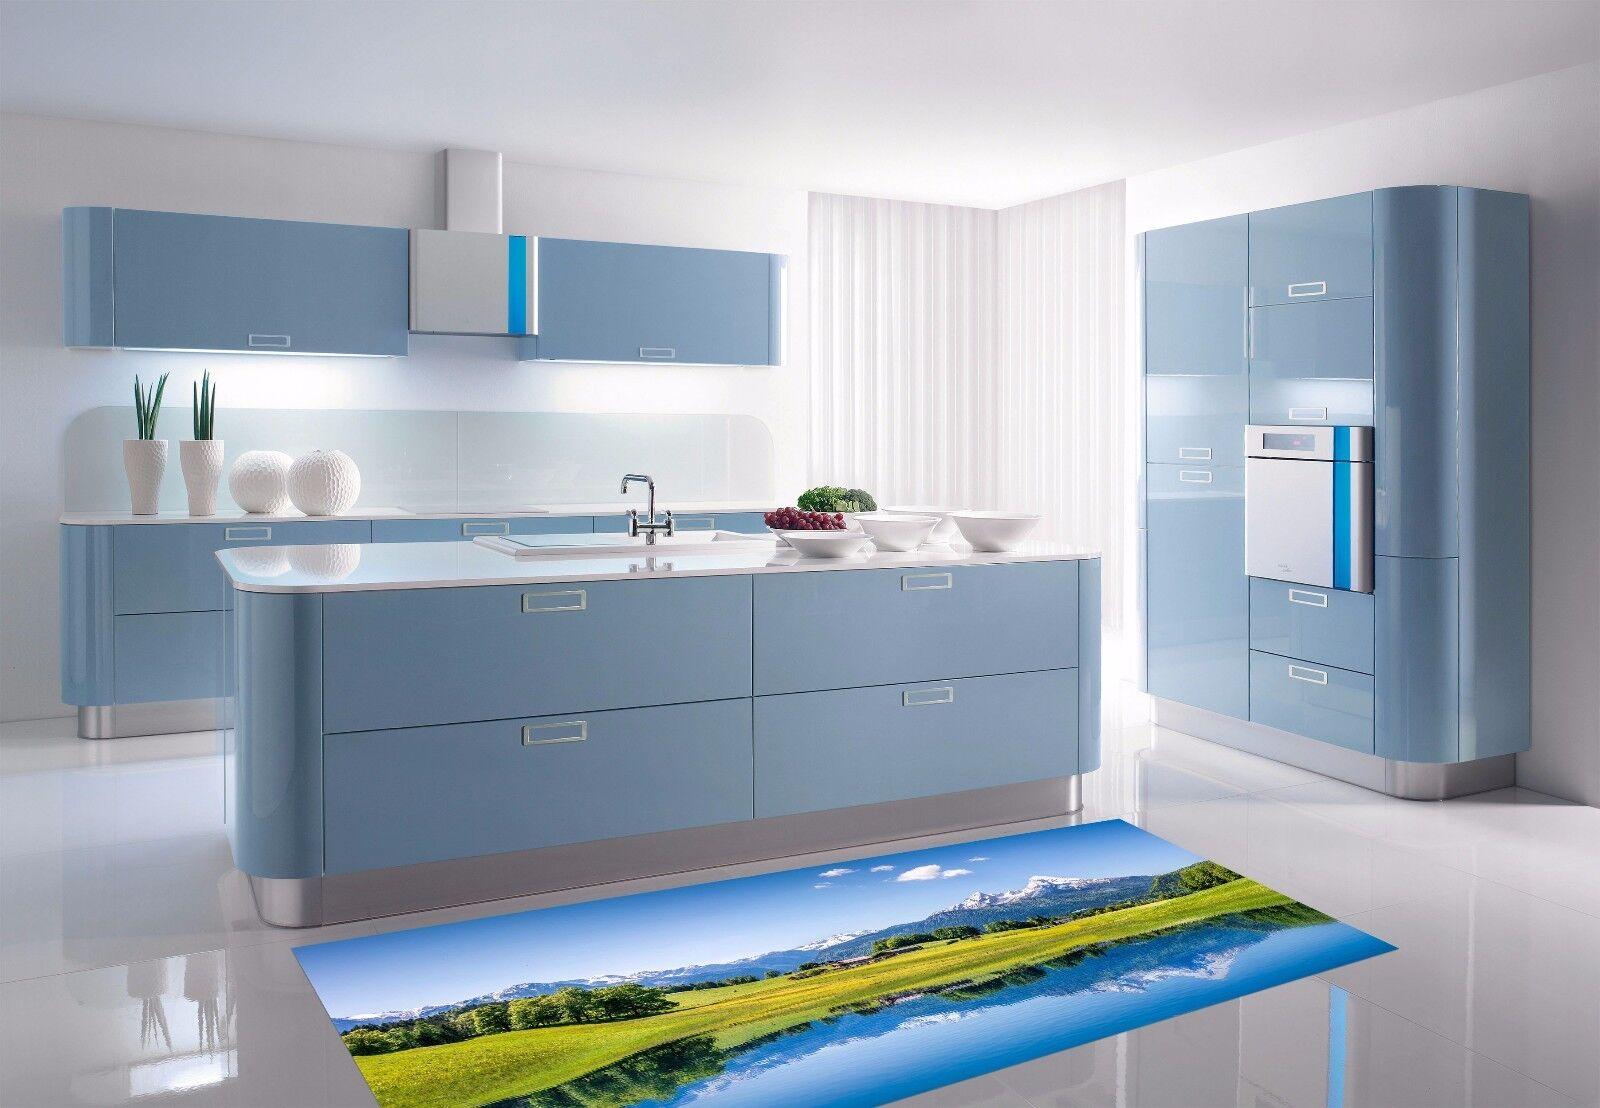 Stampe Da Cucina : 3d prati tappeto da cucina 398 floor aj murales muro stampa muro